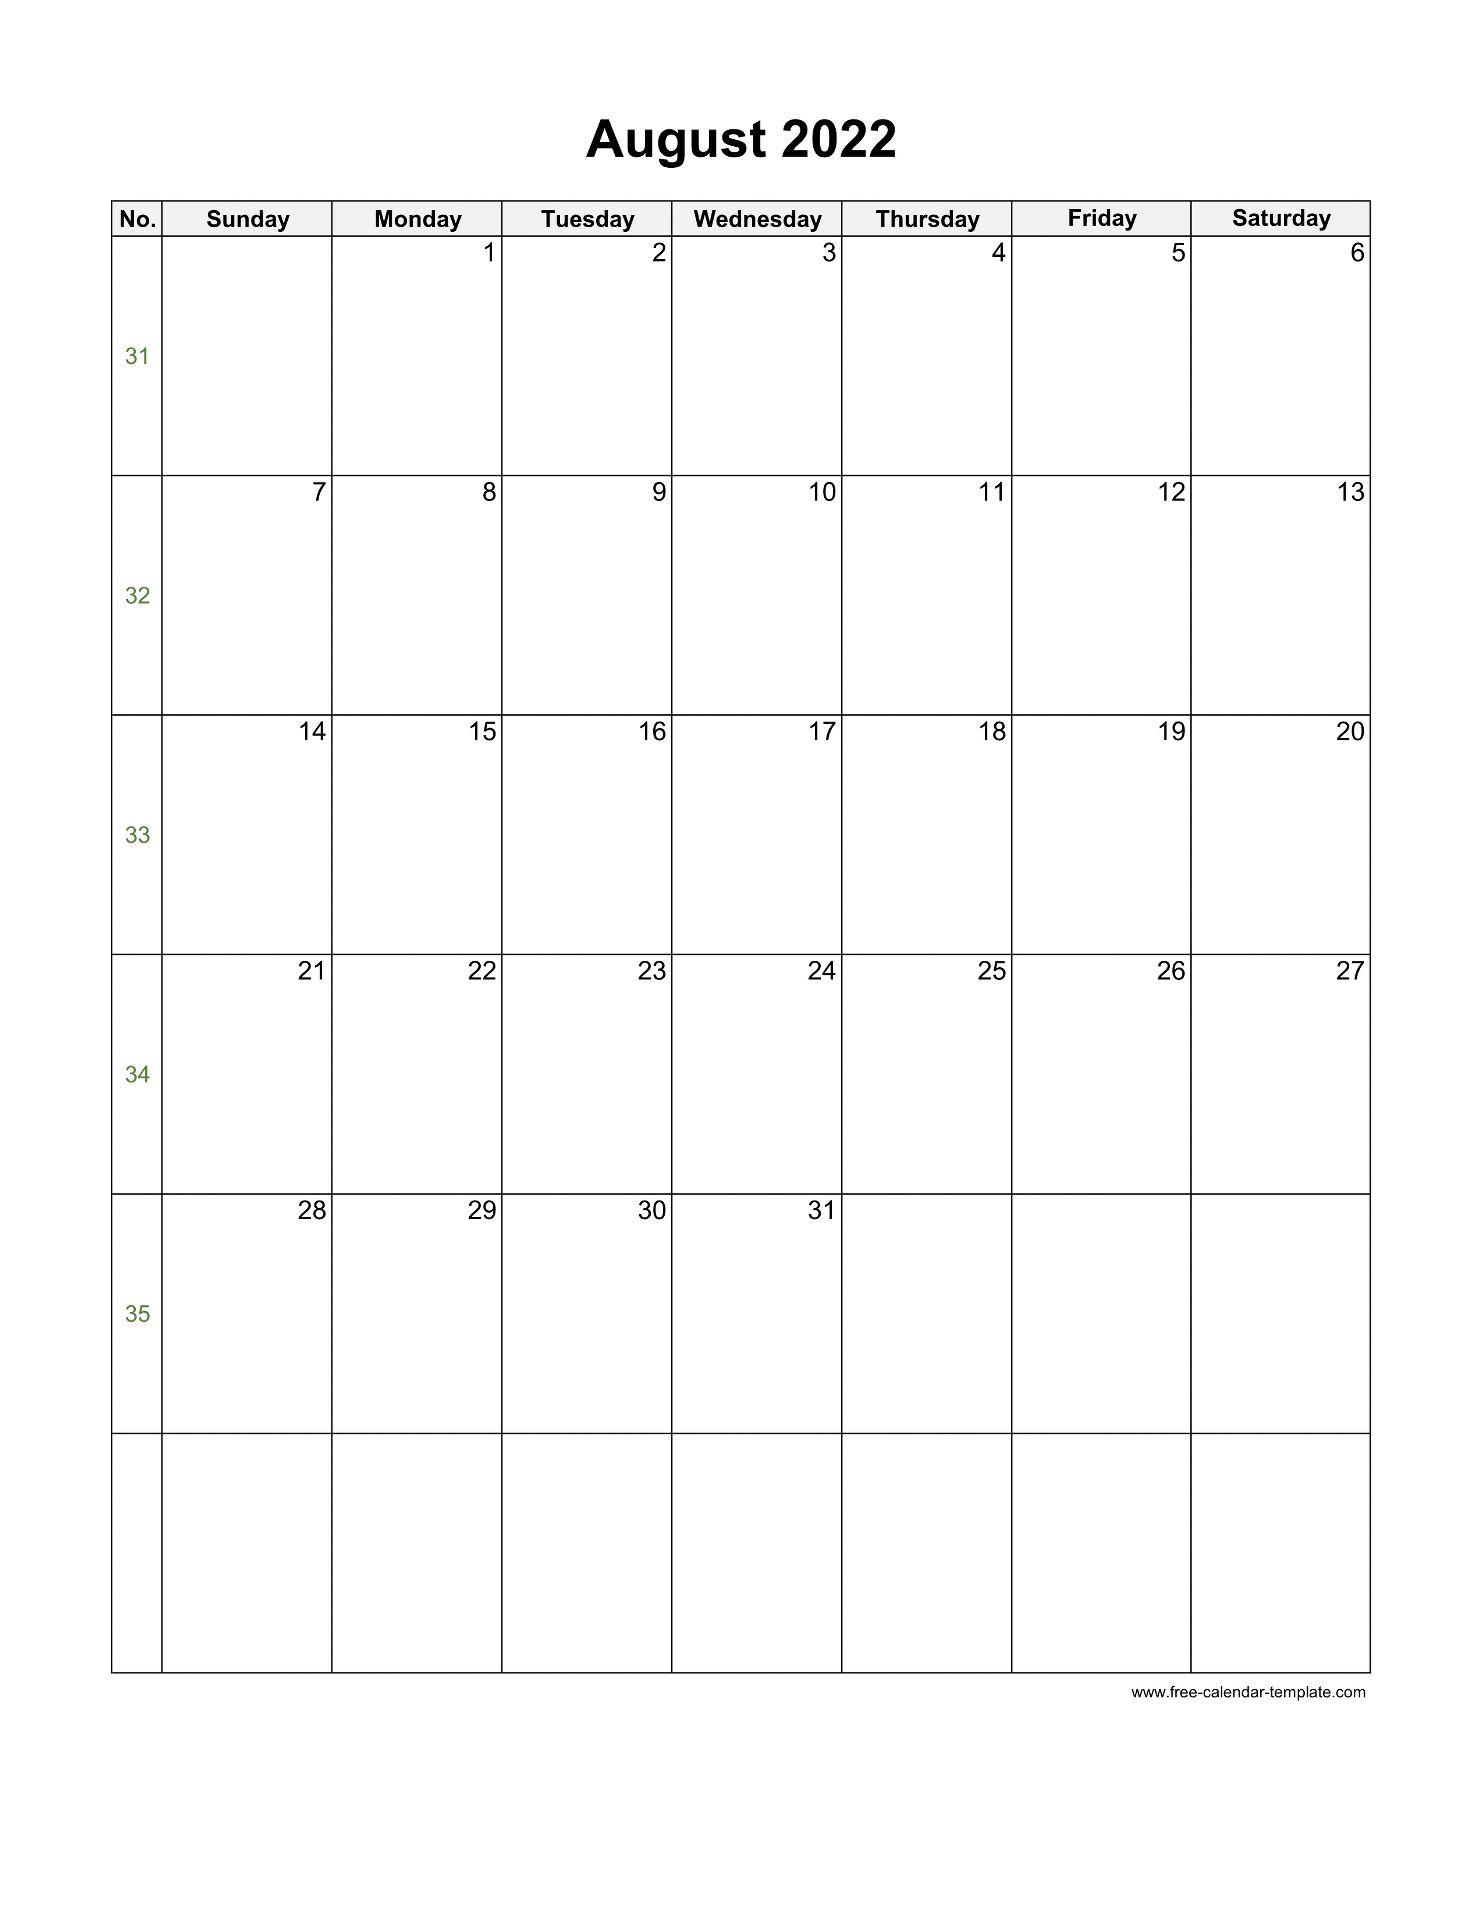 Blank Calendar 2022 August.2022 August Calendar Blank Vertical Template Free Calendar Template Com